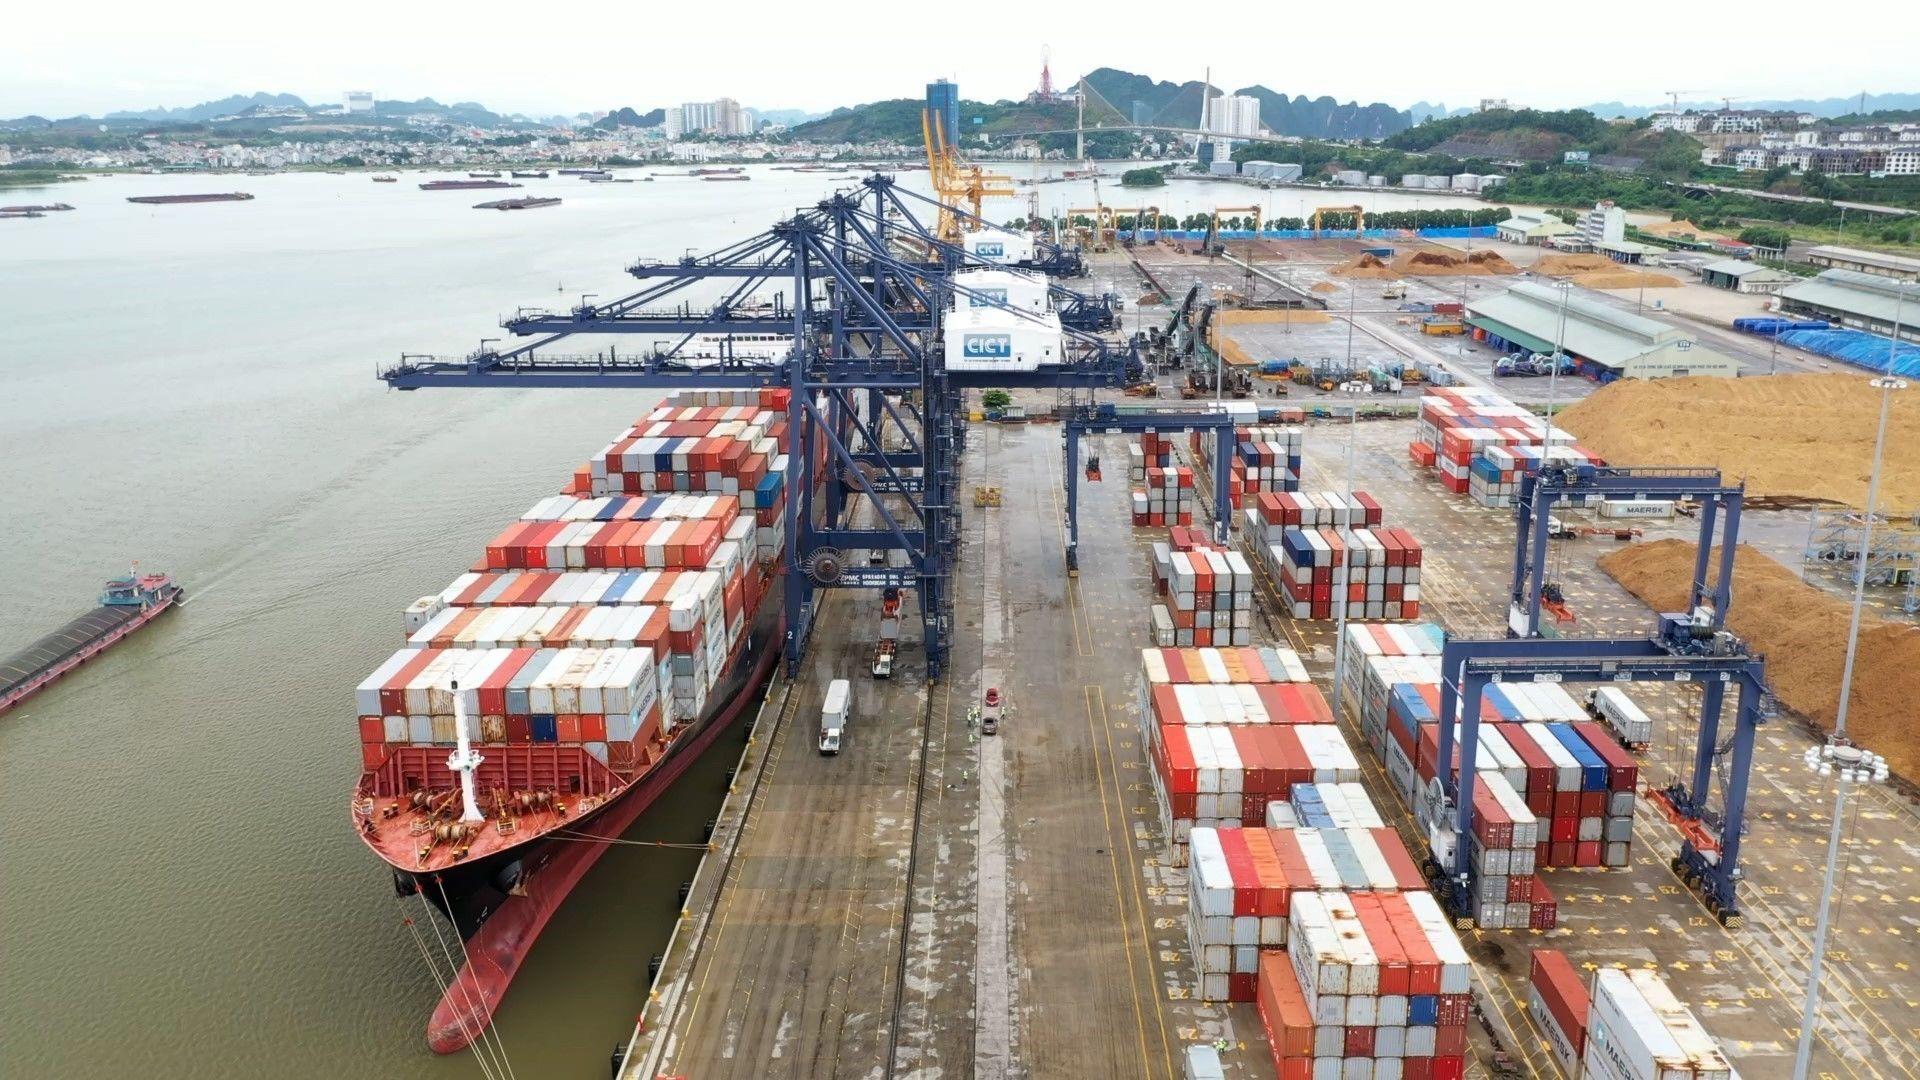 Tàu SYNERGY BUSAN, quốc tịch Marshall Islands có tải trọng trên 50.000 tấn chở theo trên 2.000 vỏ container hãng MAERSK LINE đã cập cảng container quốc tế Cái Lân. - Sputnik Việt Nam, 1920, 23.09.2021